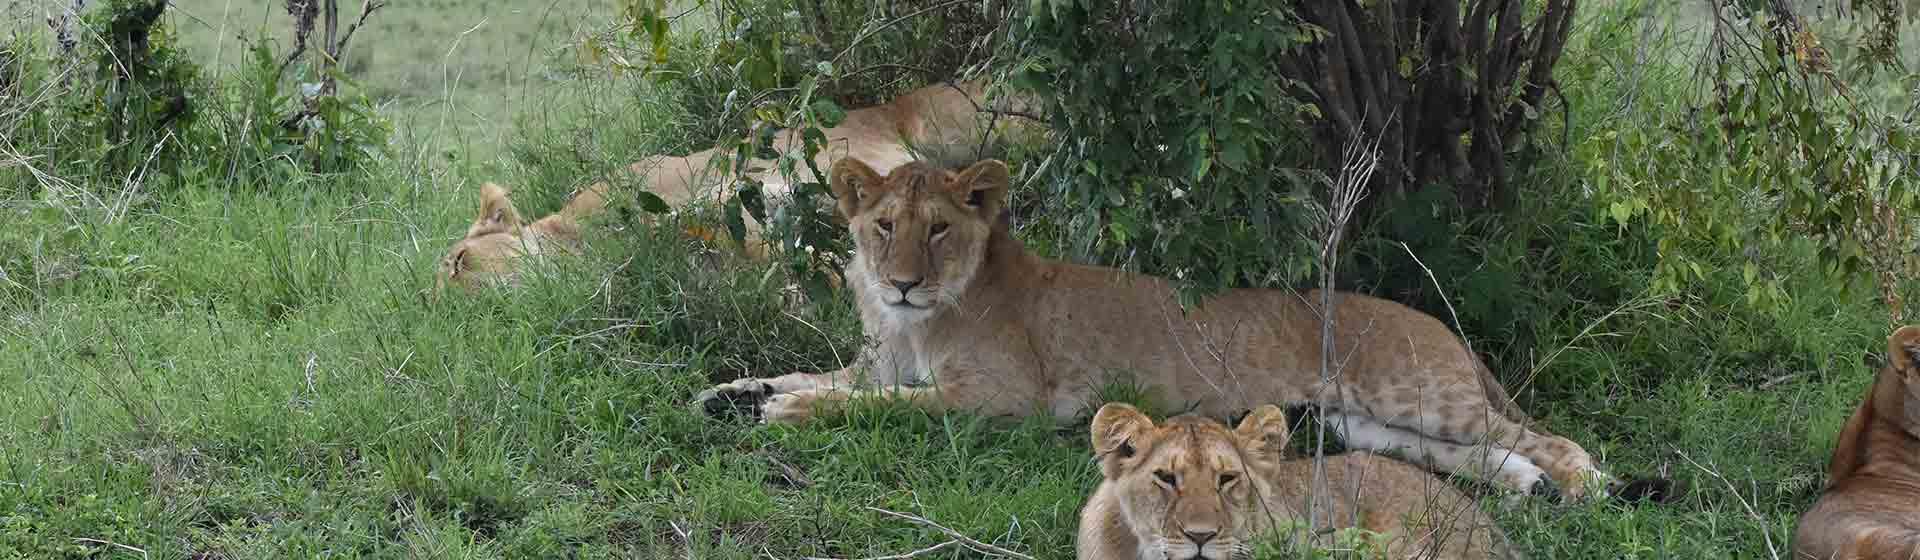 Masai Mara group joining safari